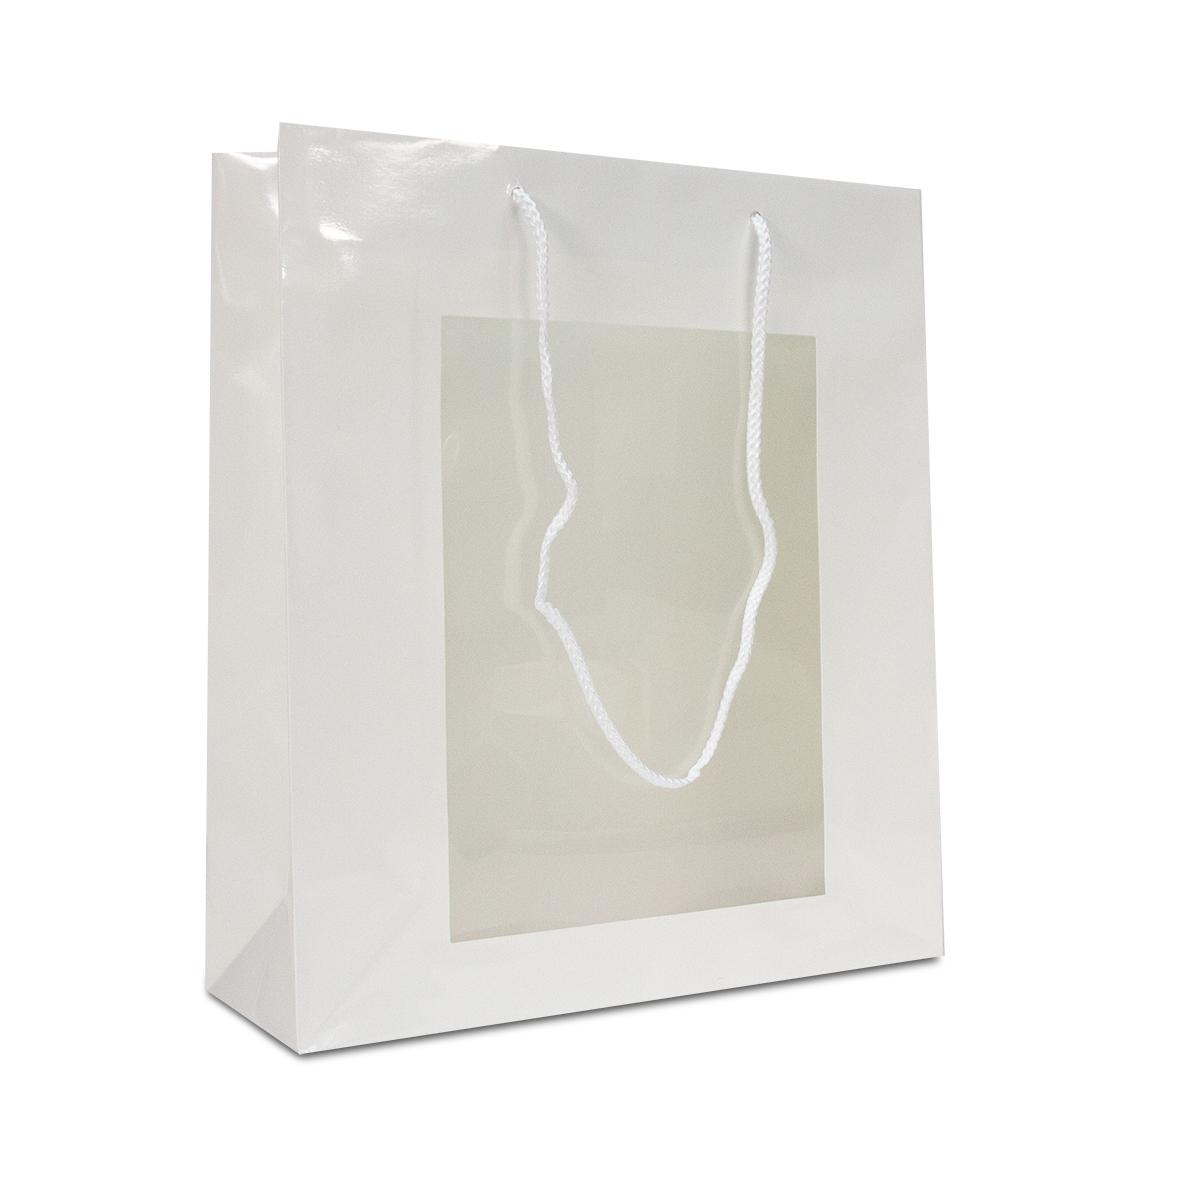 tassen-papier-luxe-metvenster-wit-product